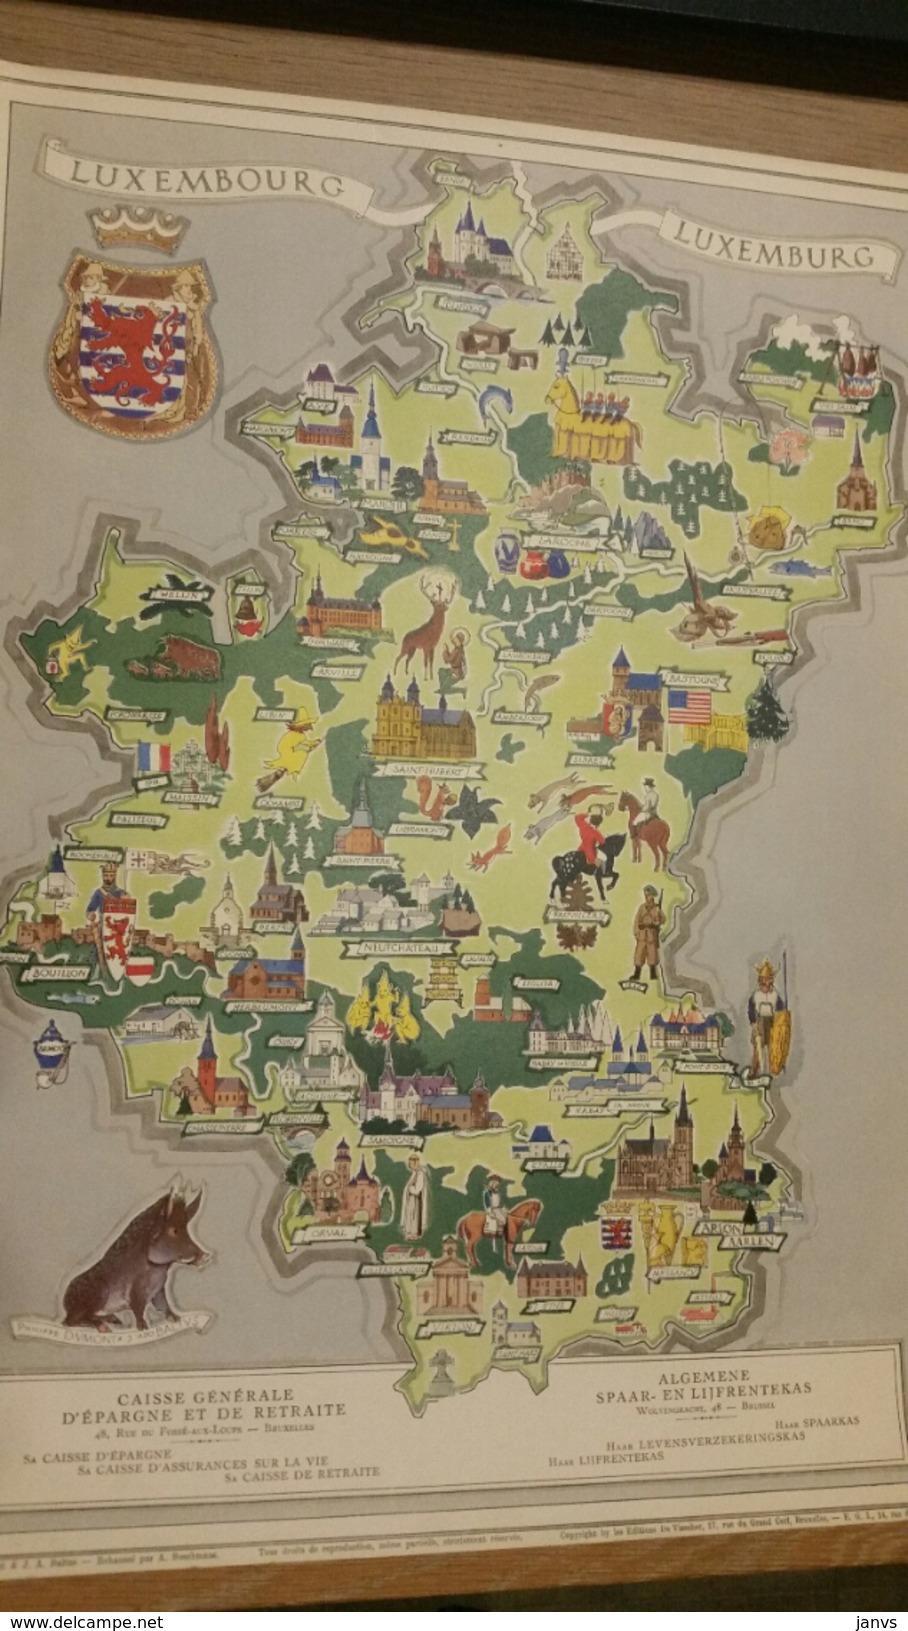 Kaart-Carte- Provincie Luxemburg- Province Luxembourg -Pub/Rec- ASLK-Caisse D'épargne- Bezienswaardigheden- Attractions - Cartes